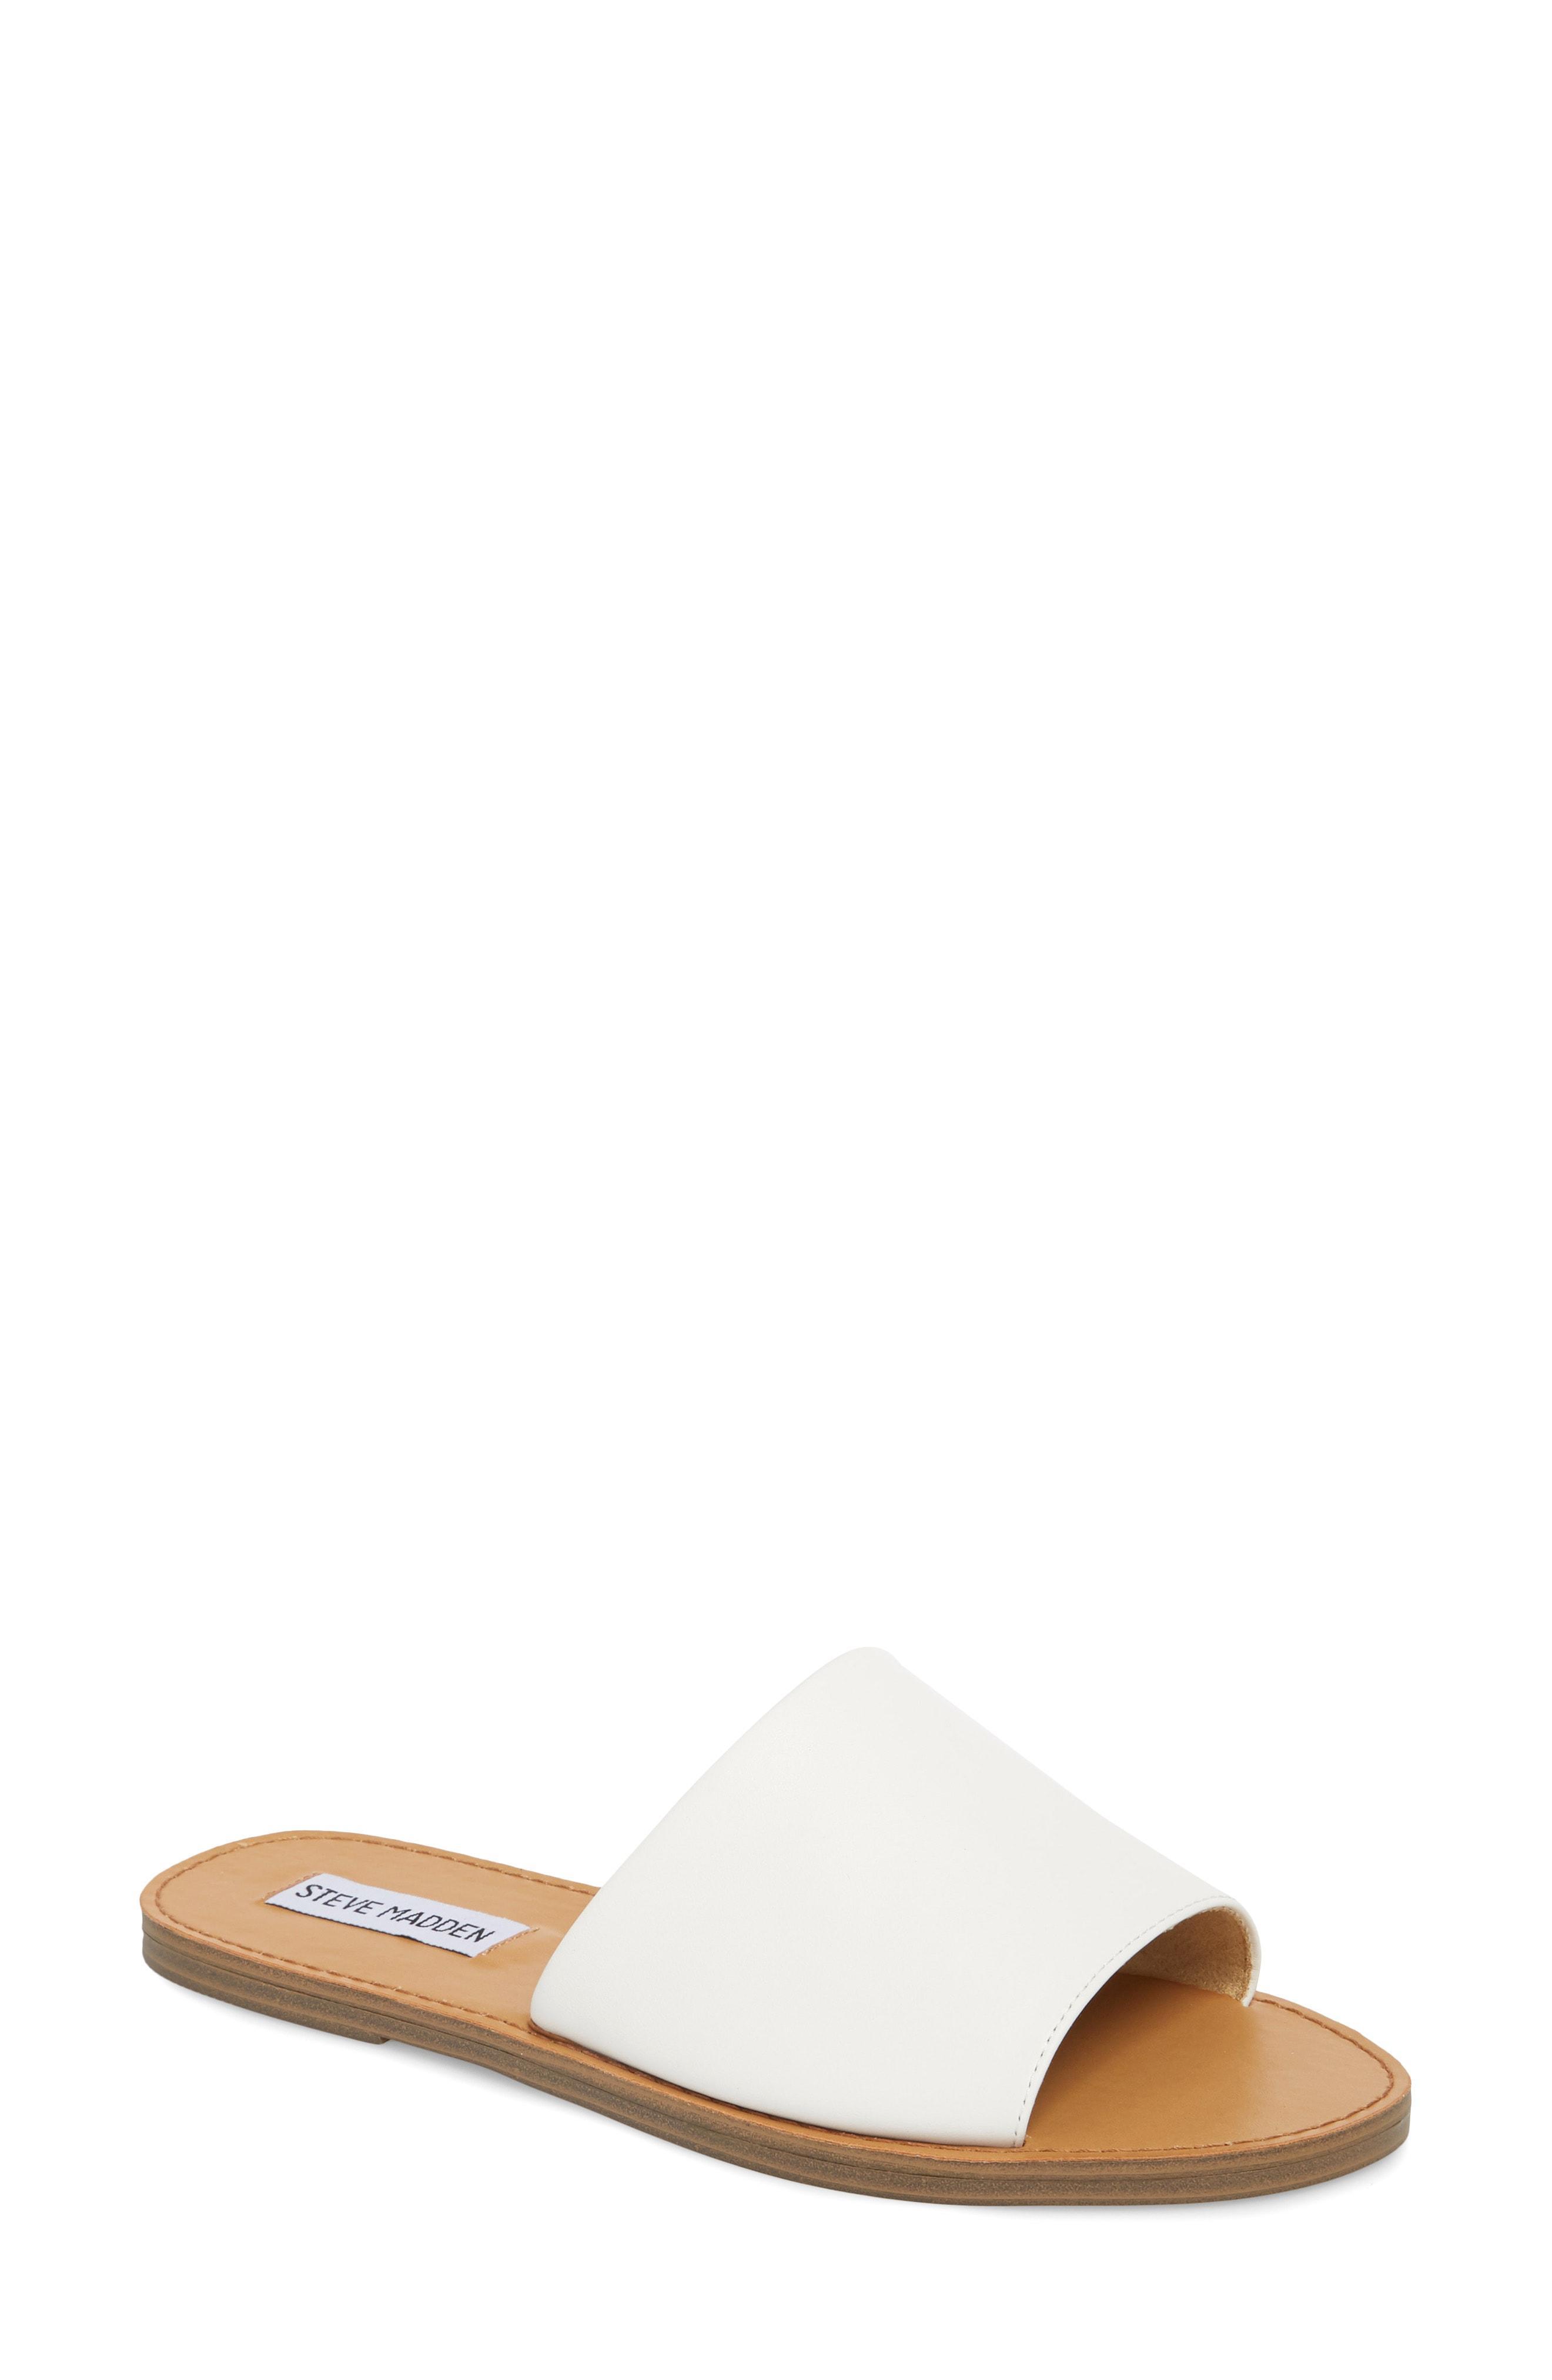 Details about  /Steve Madden Grace Slide Sandals Black Leather Size 6.5